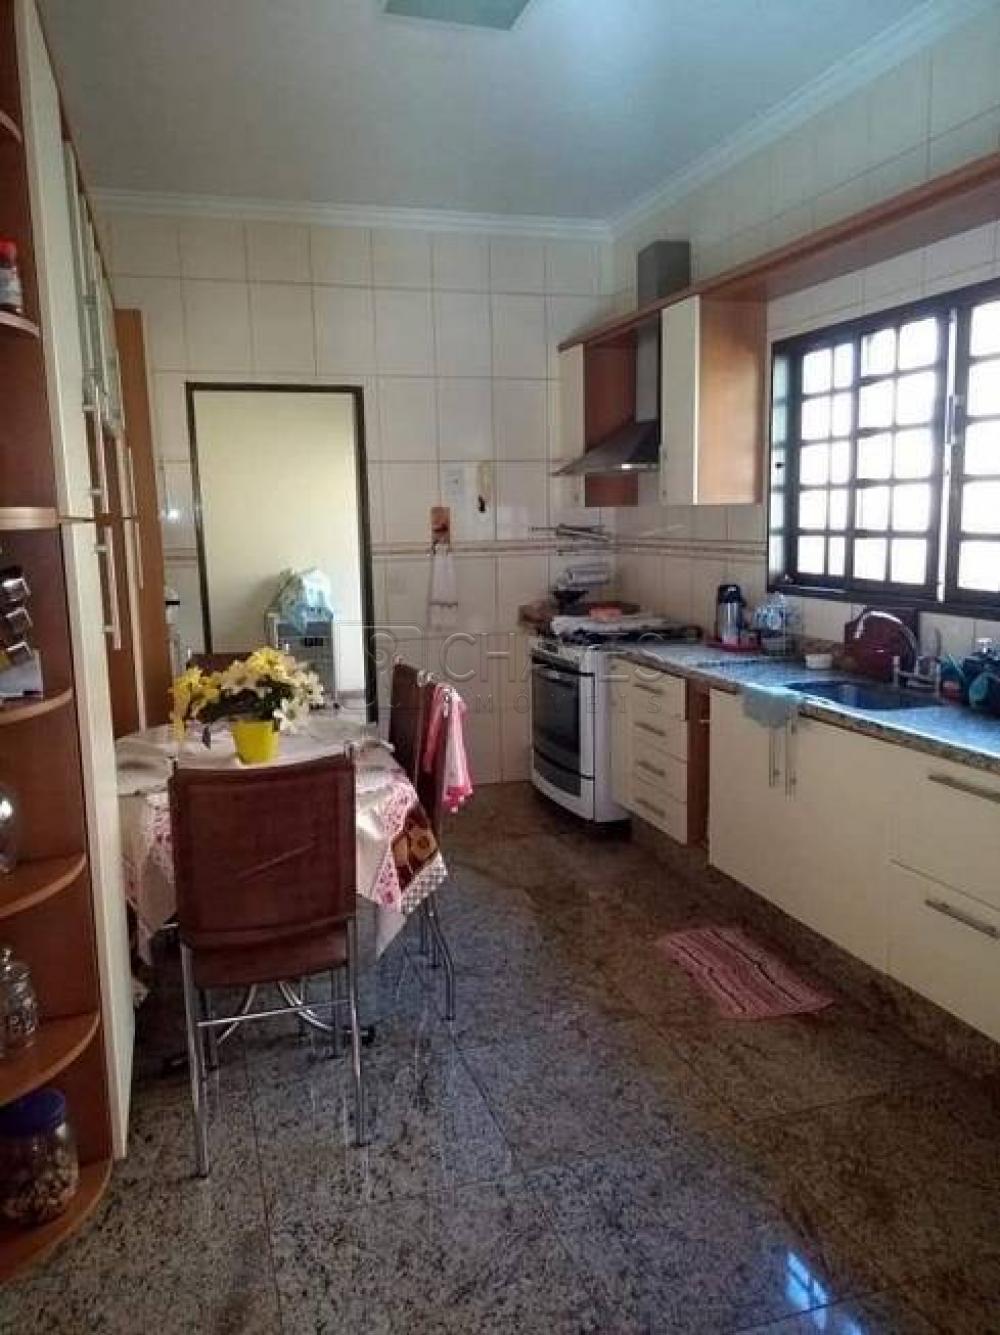 Comprar Casa / Condomínio em Bonfim Paulista R$ 1.280.000,00 - Foto 10